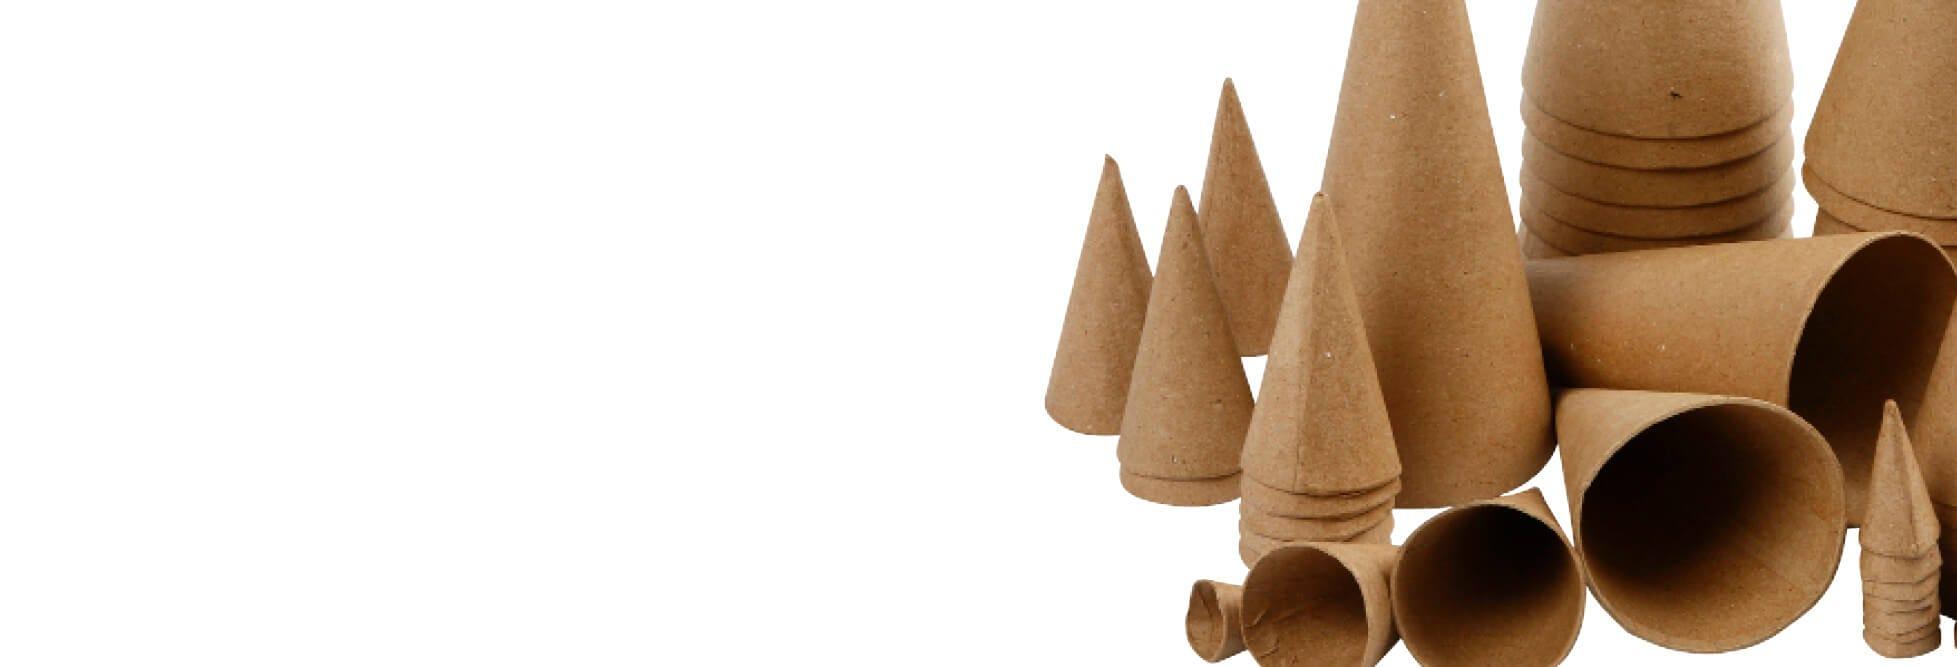 Dekorative julekjegler og kornetter